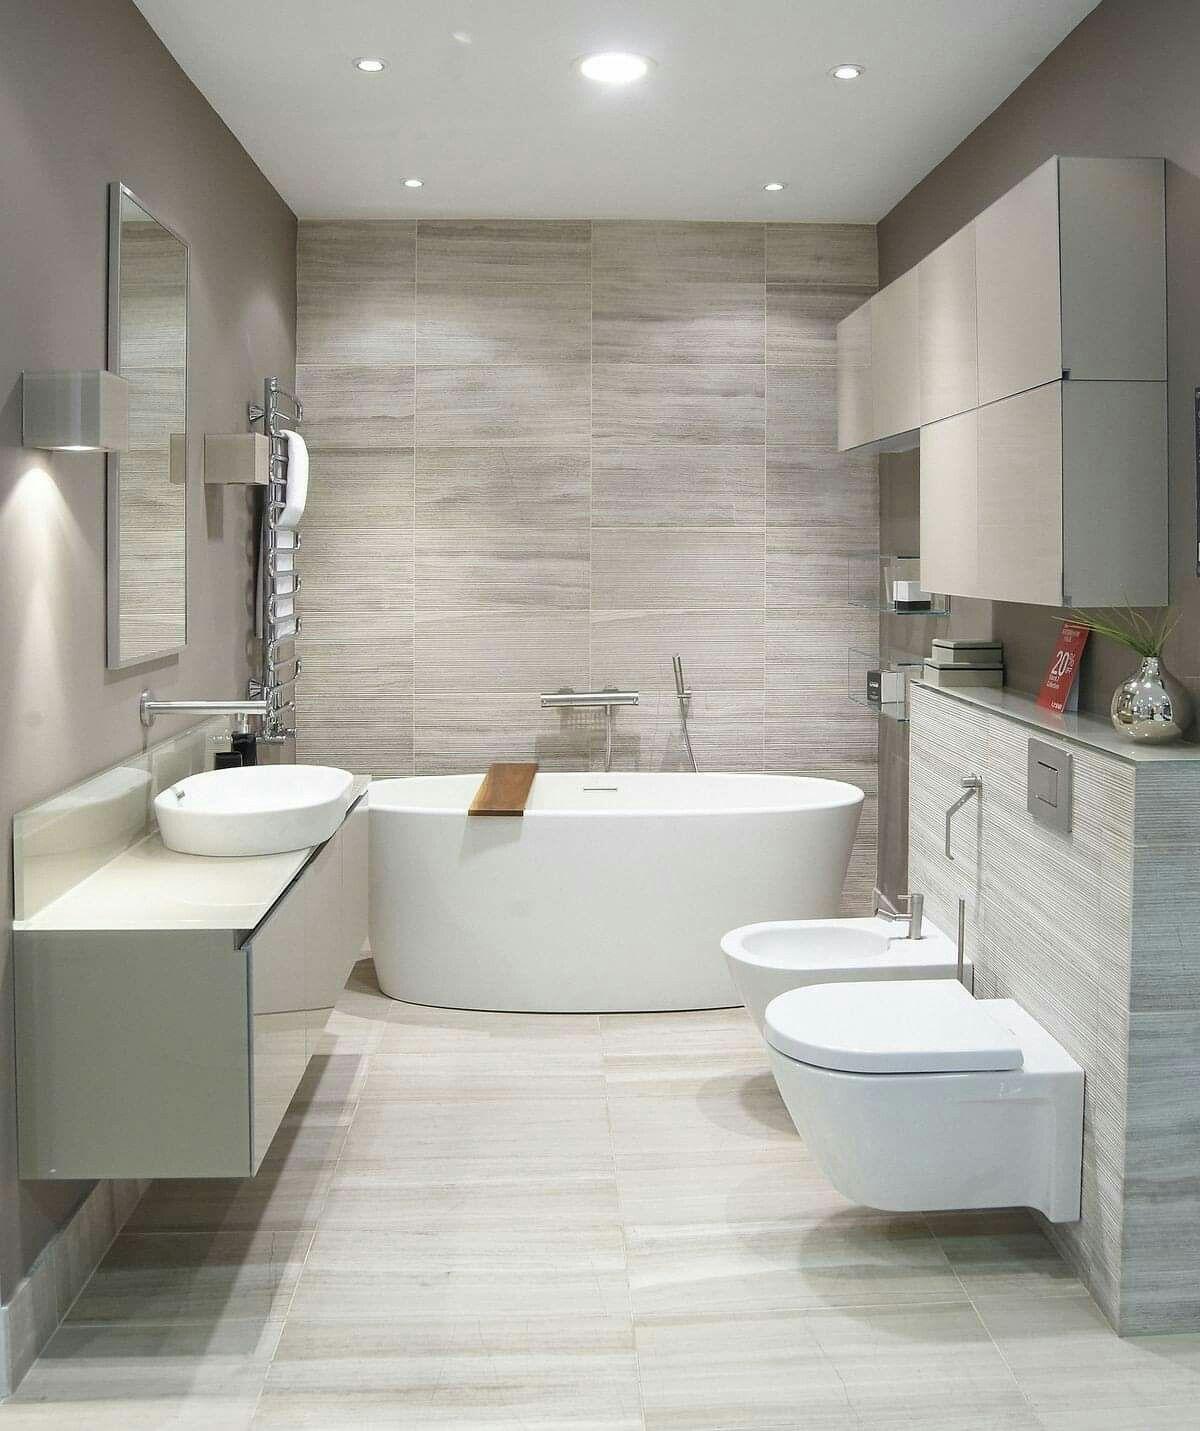 Pin Von Vanessa Vale Auf Bathrooms Badezimmer Badezimmerideen Und Badezimmer Ideen Bilder